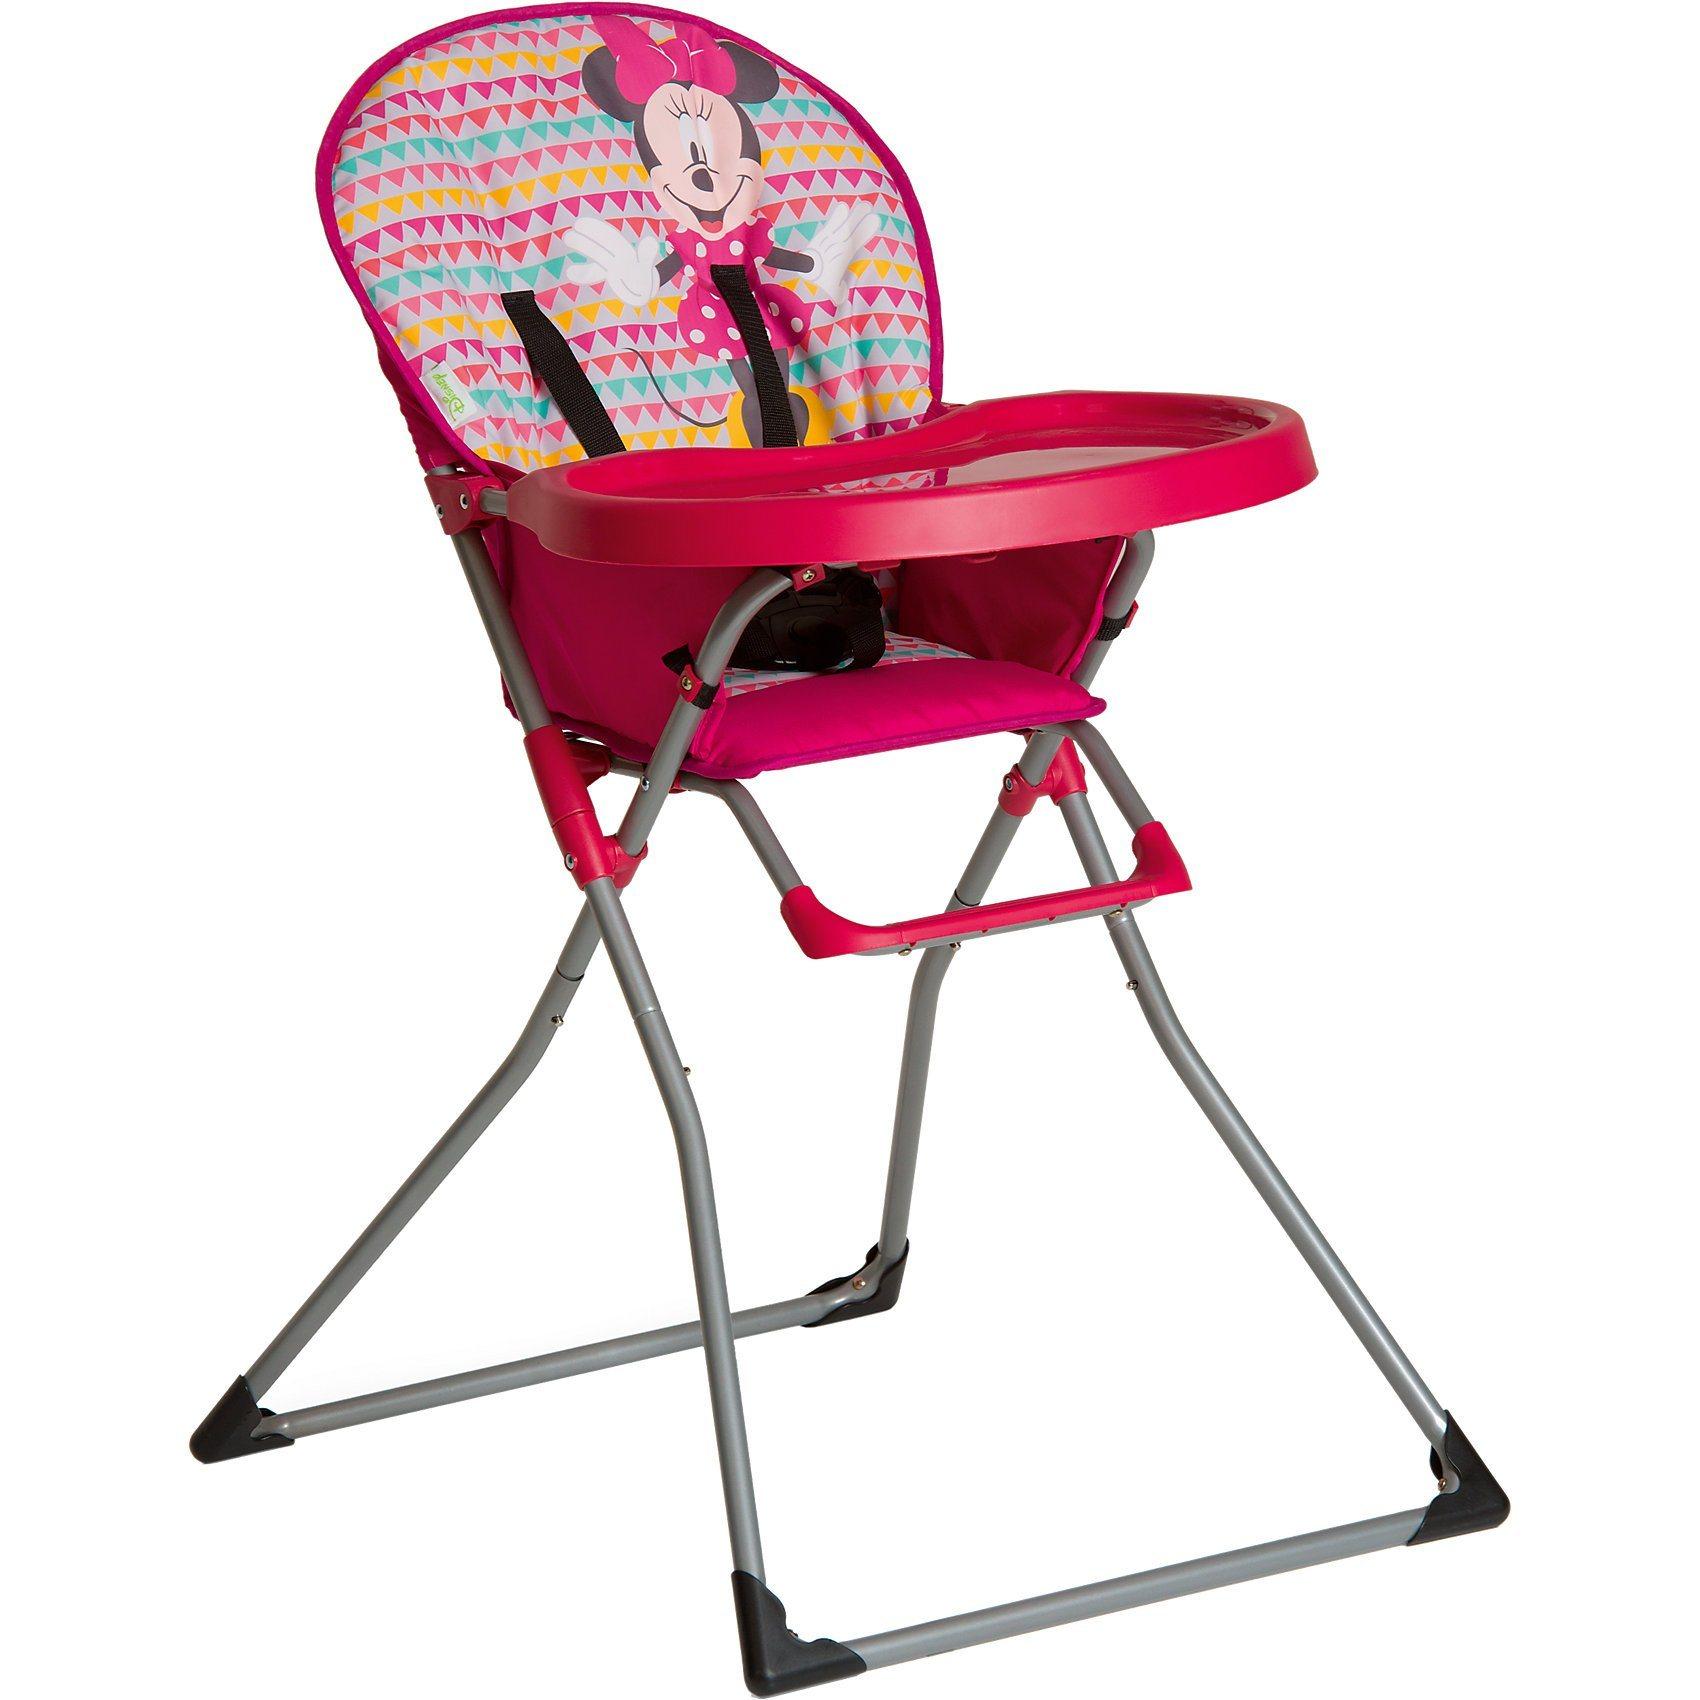 Baby Hochstuhl Preisvergleich • Die besten Angebote online kaufen